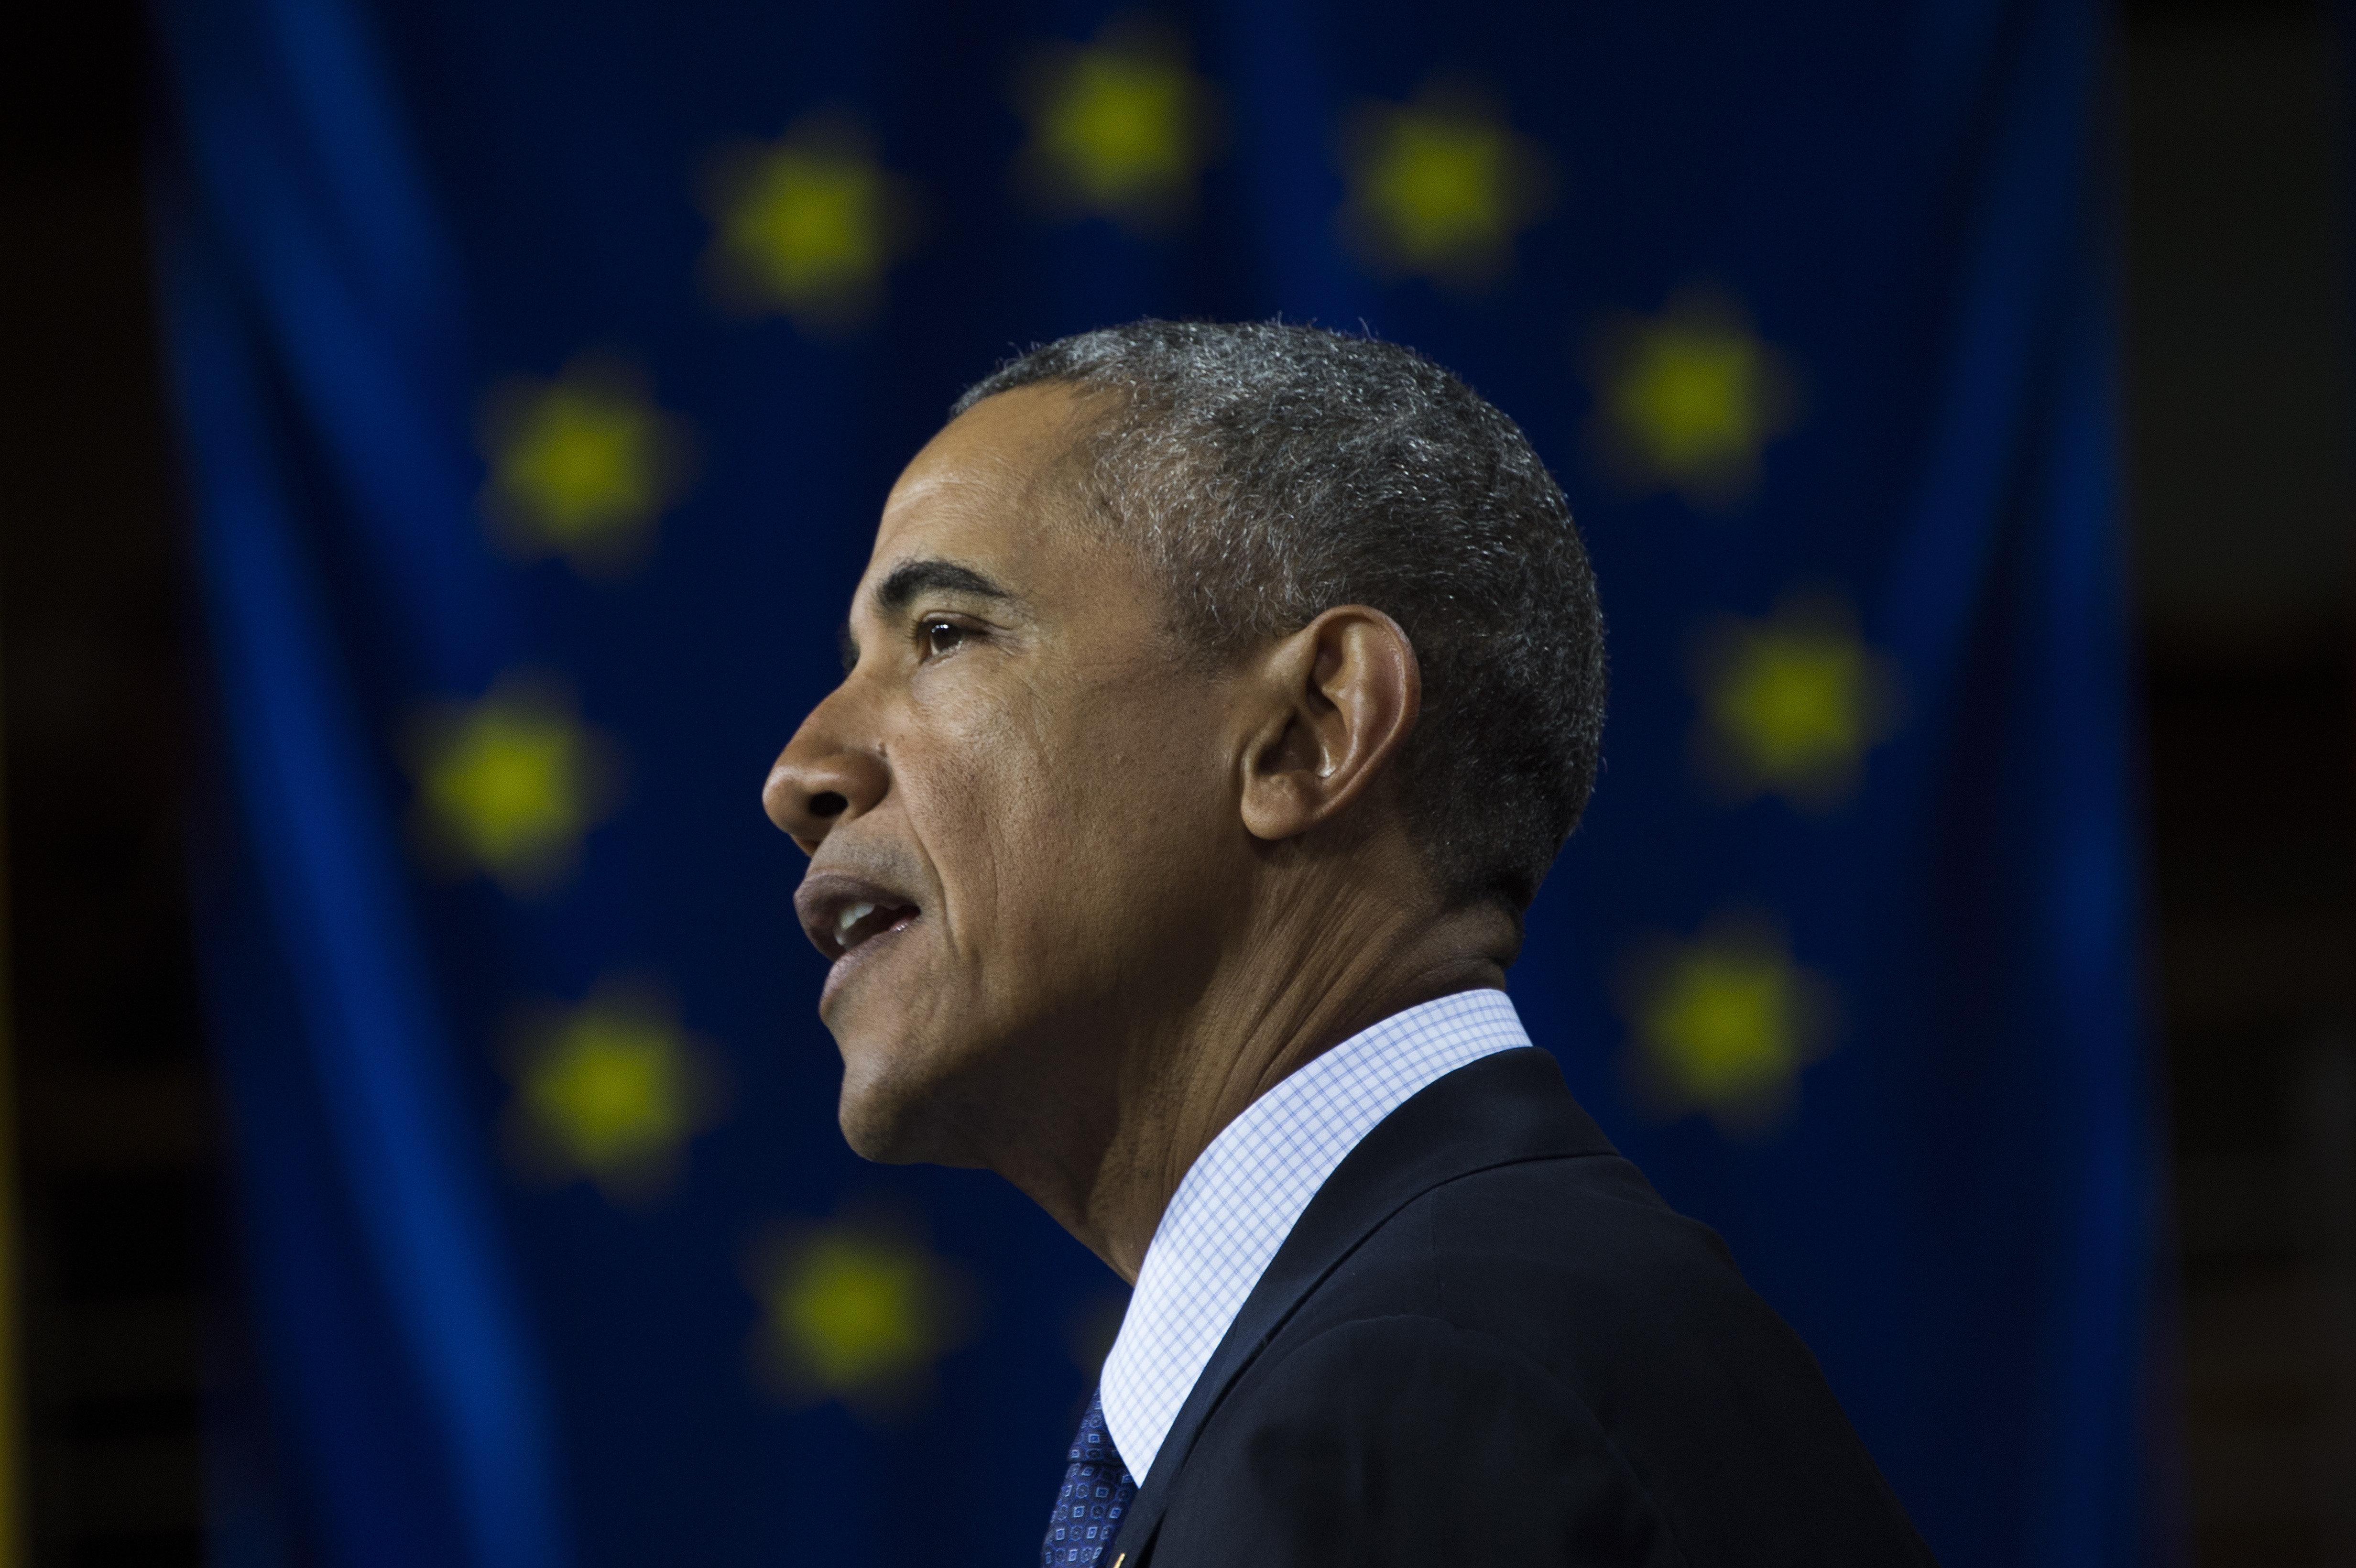 الرئيس أوباما خلال إلقاء كلمته في هانوفر